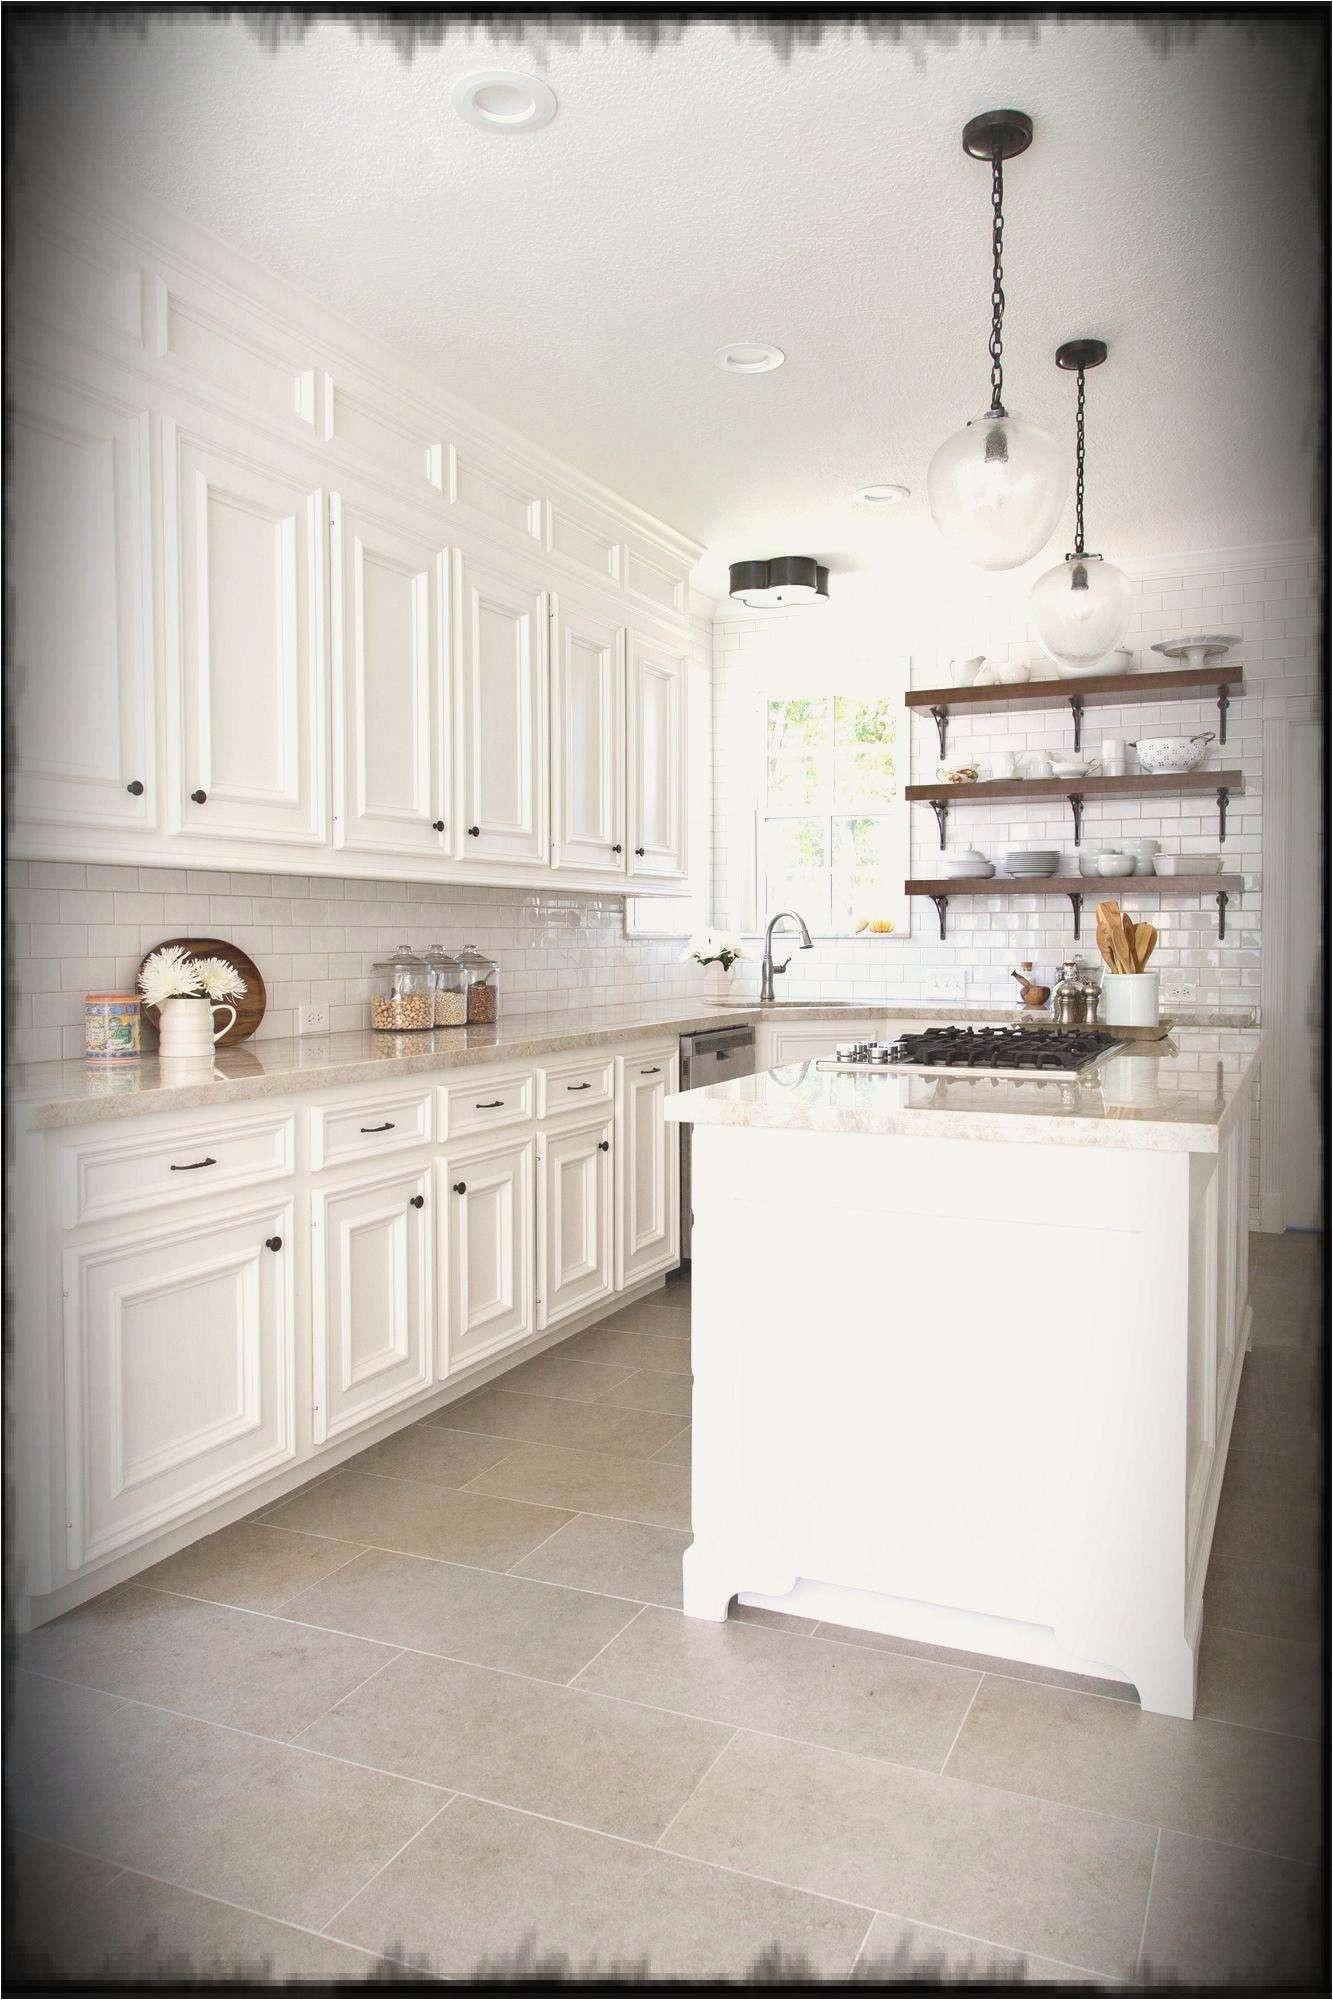 designs for kitchens elegant kitchen belvoir kitchens belvoir kitchens 0d kitchens inspiration designs for